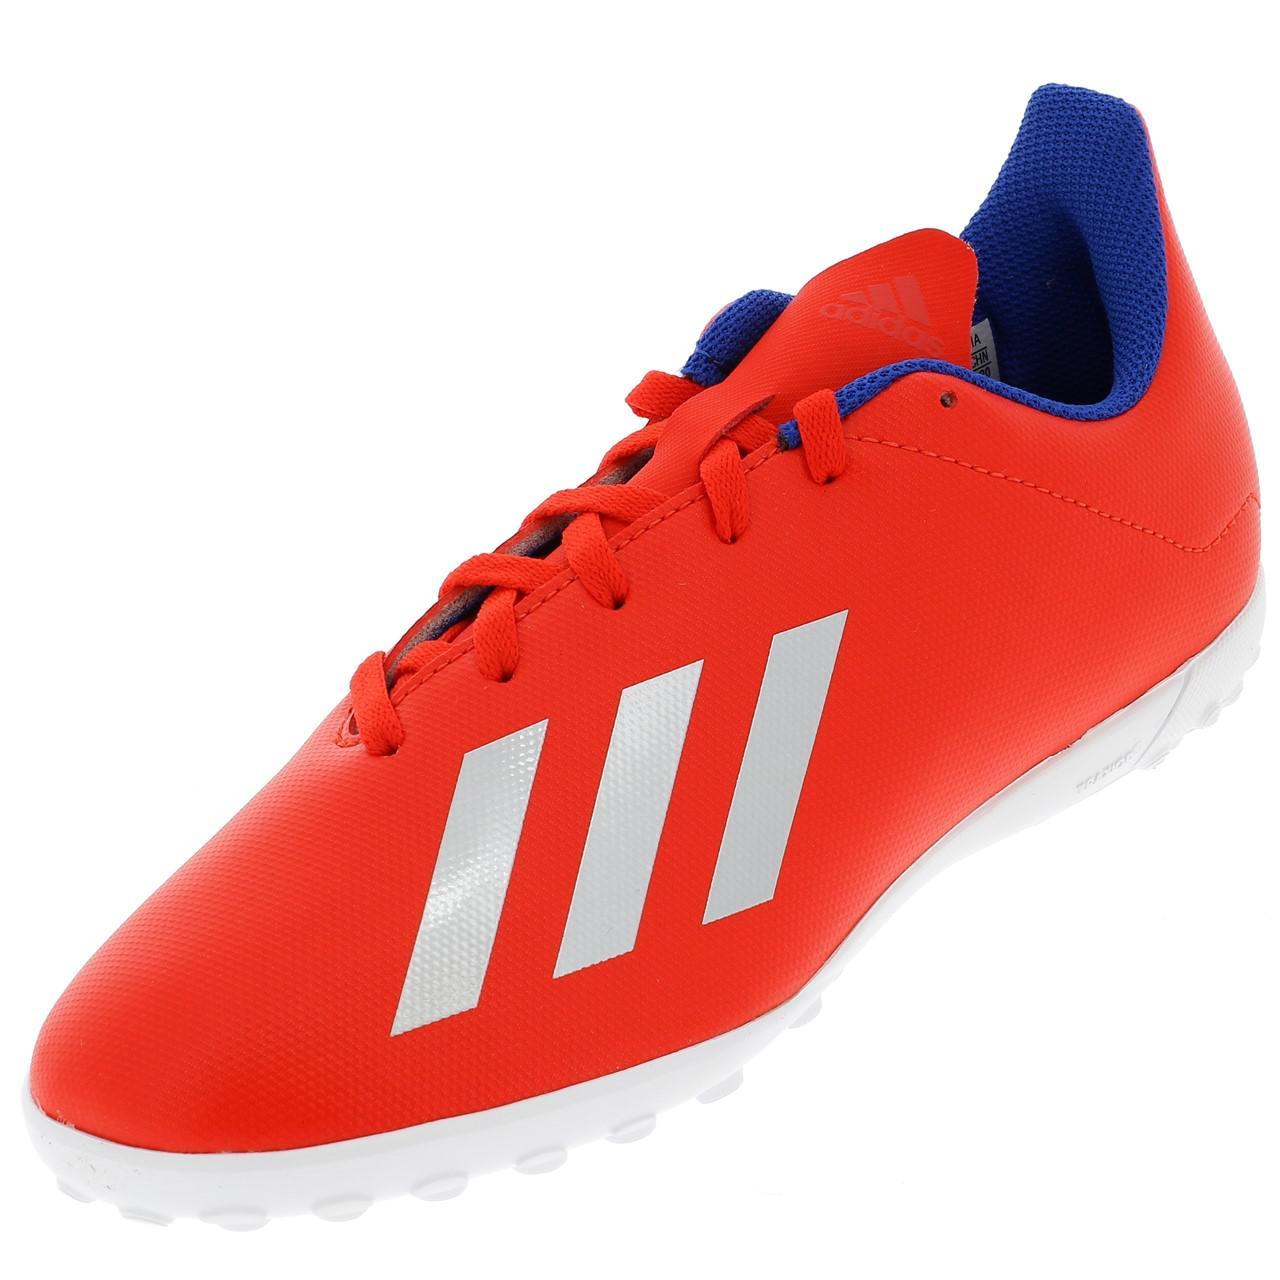 Football-Shoes-Bathroom-Indoor-Adidas-x-18-4-Tf-Jr-Red-54736-New